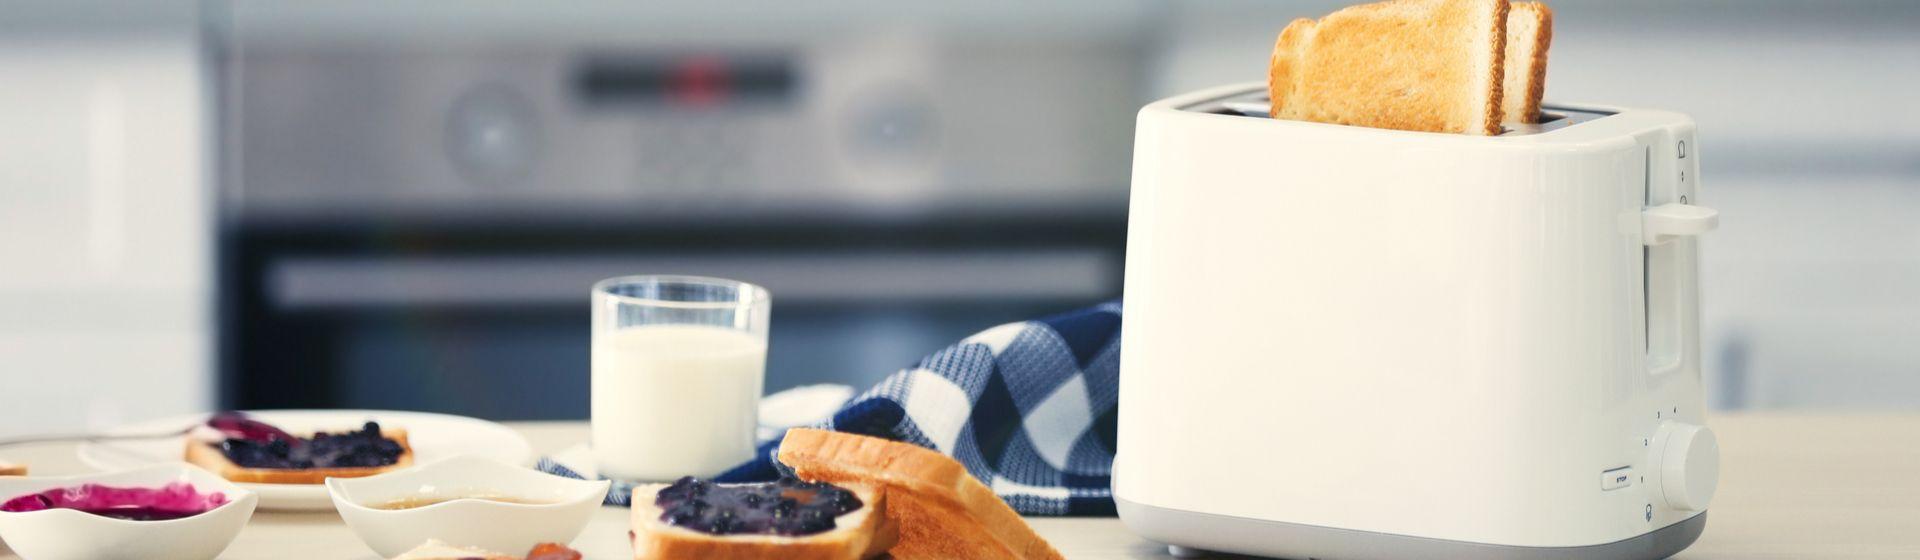 Torradeira Britânia:  3 opções para a sua cozinha